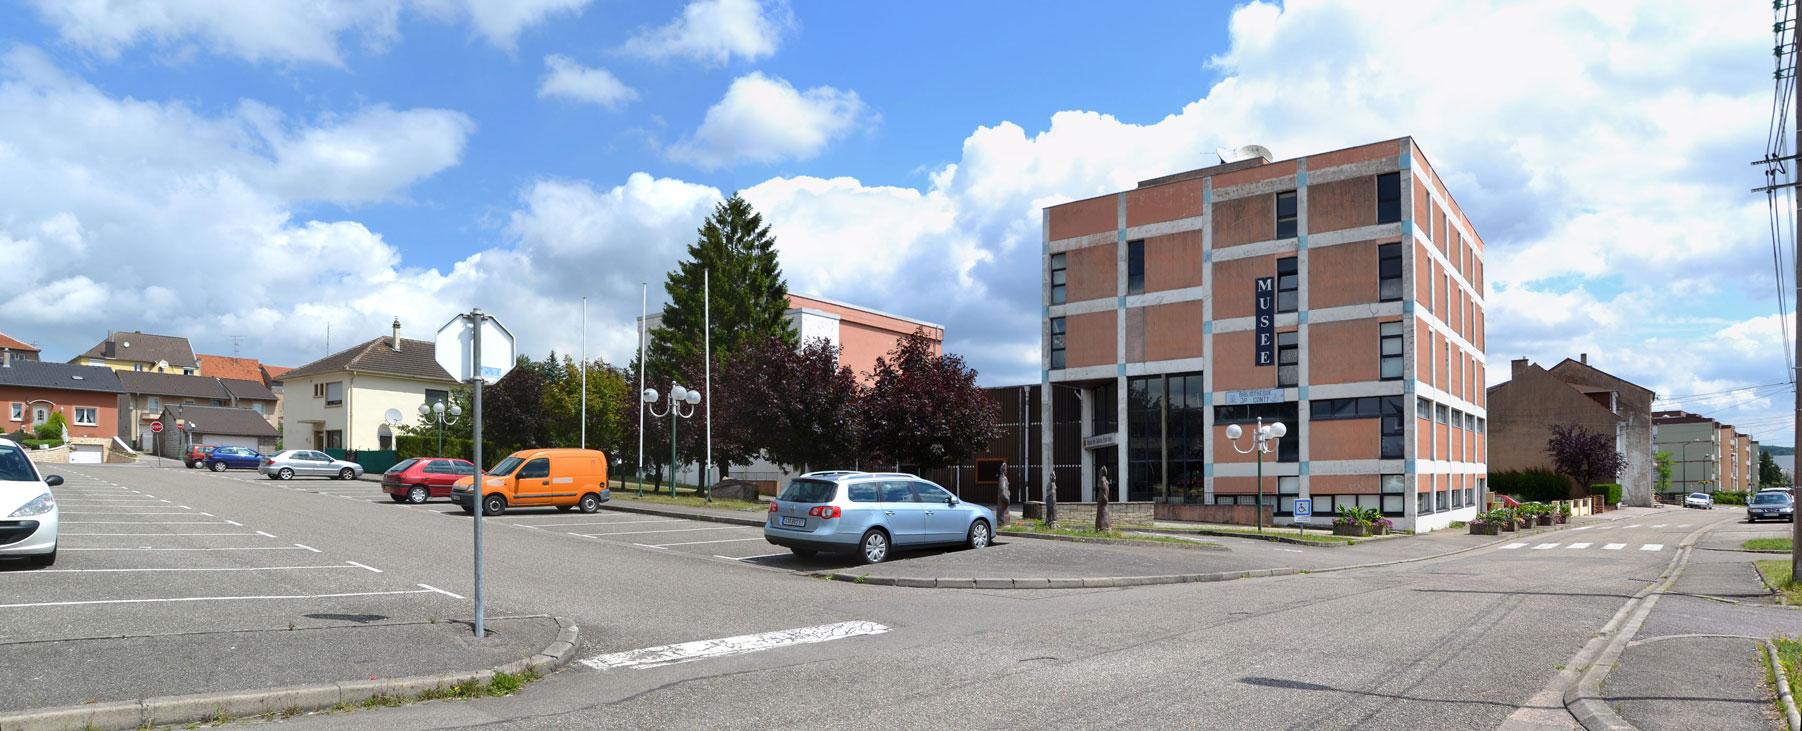 Médiathèque de Freyming-Merlebach